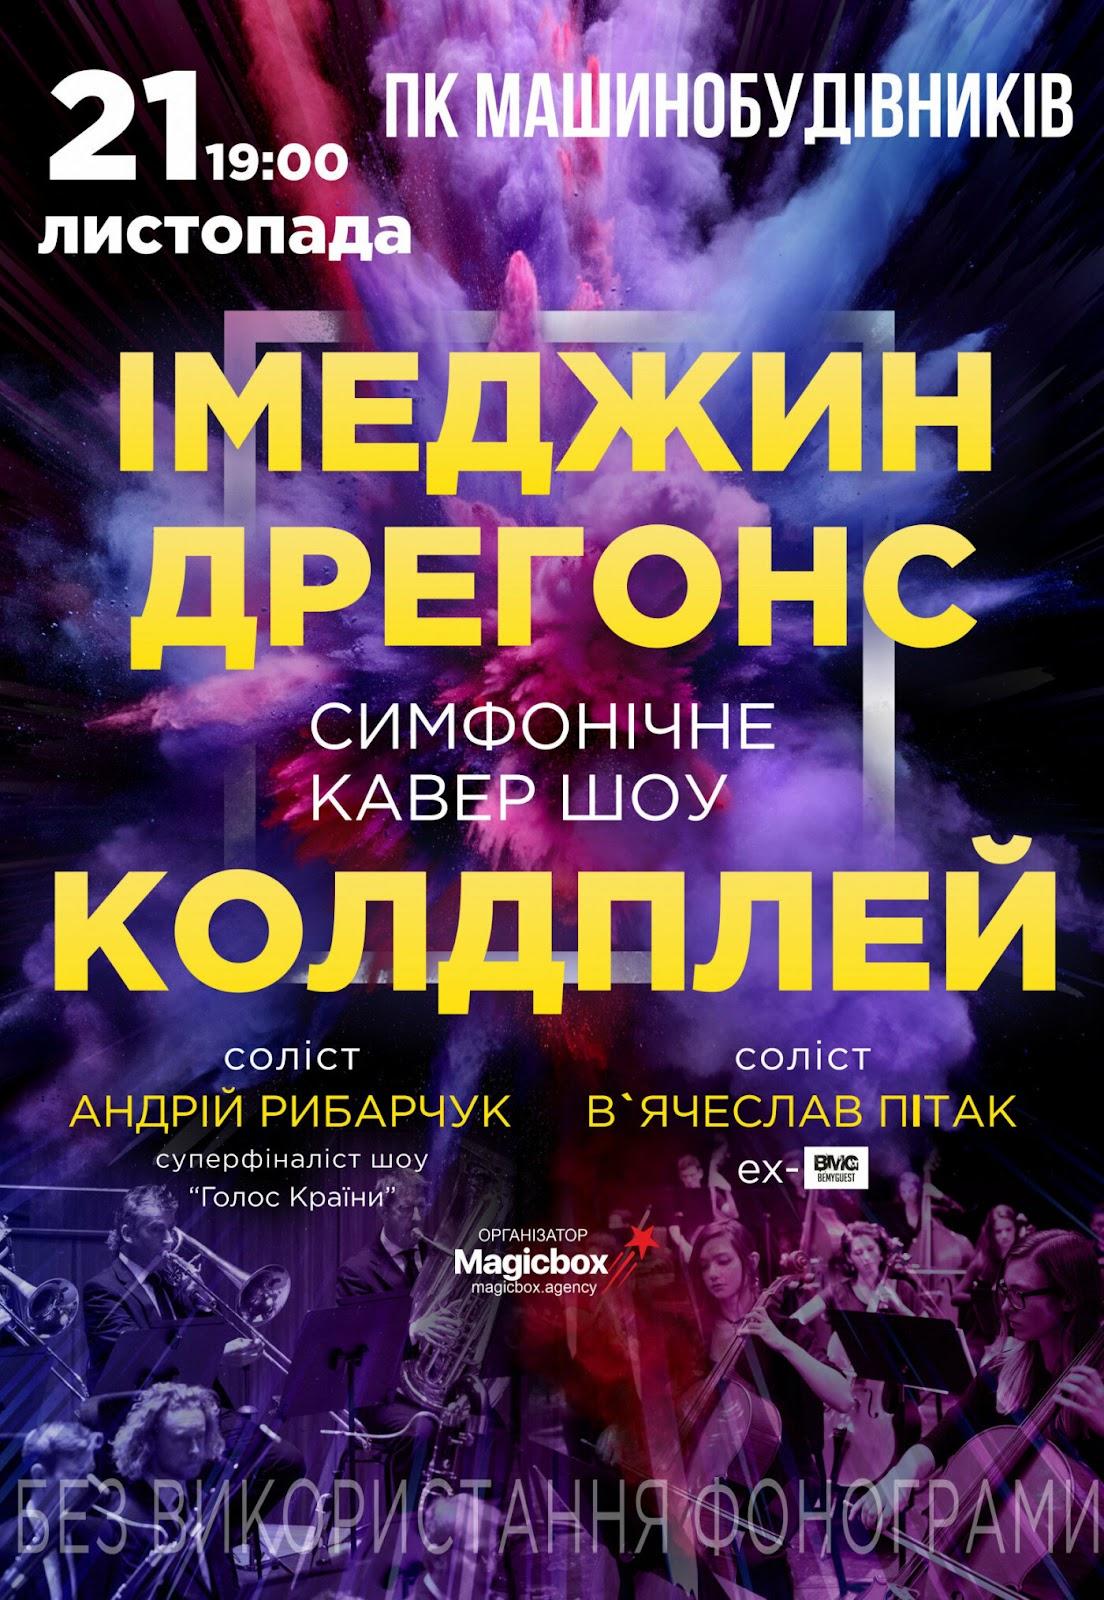 Концерты ноября в Днепре